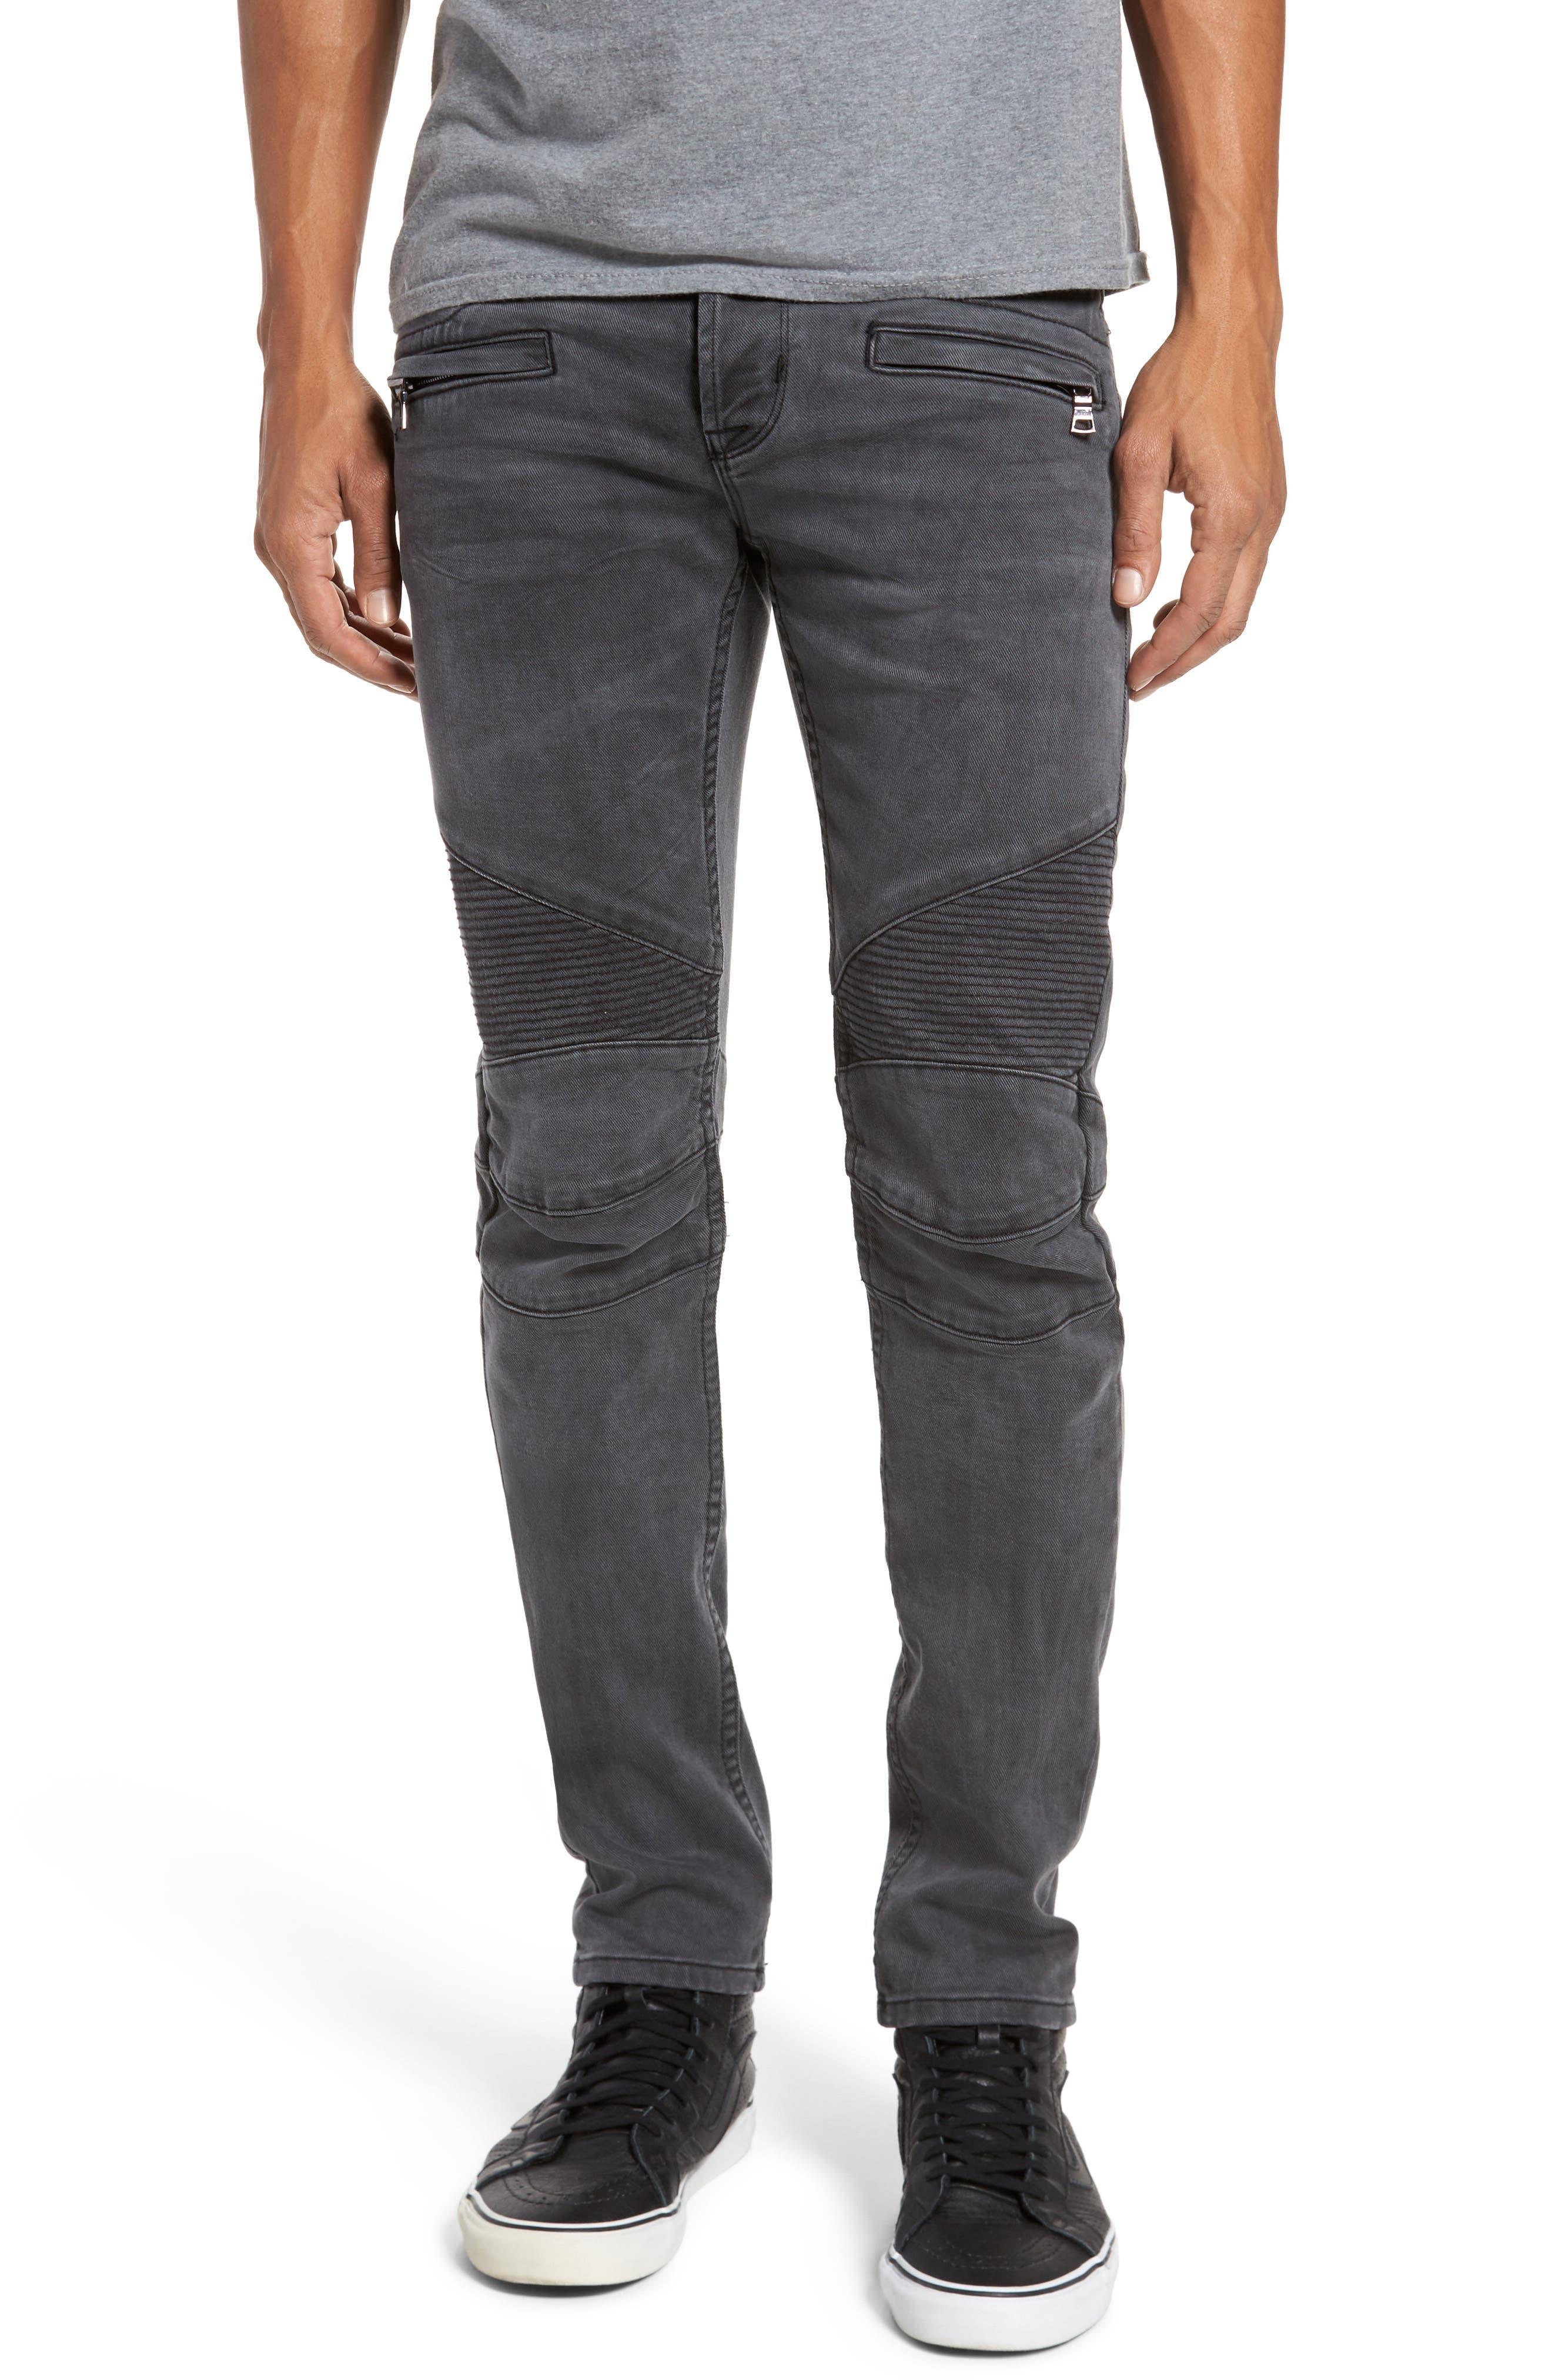 Alternate Image 1 Selected - Hudson Jeans Blinder Biker Moto Skinny Fit Jeans (Mixtape)